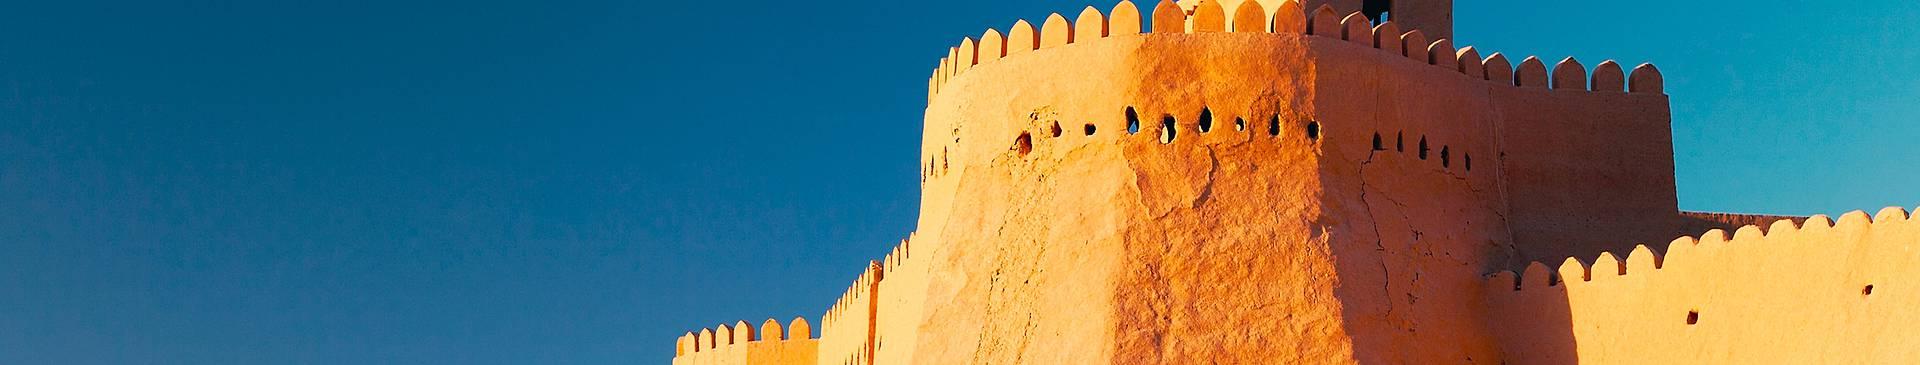 Uzbekistan historical sites